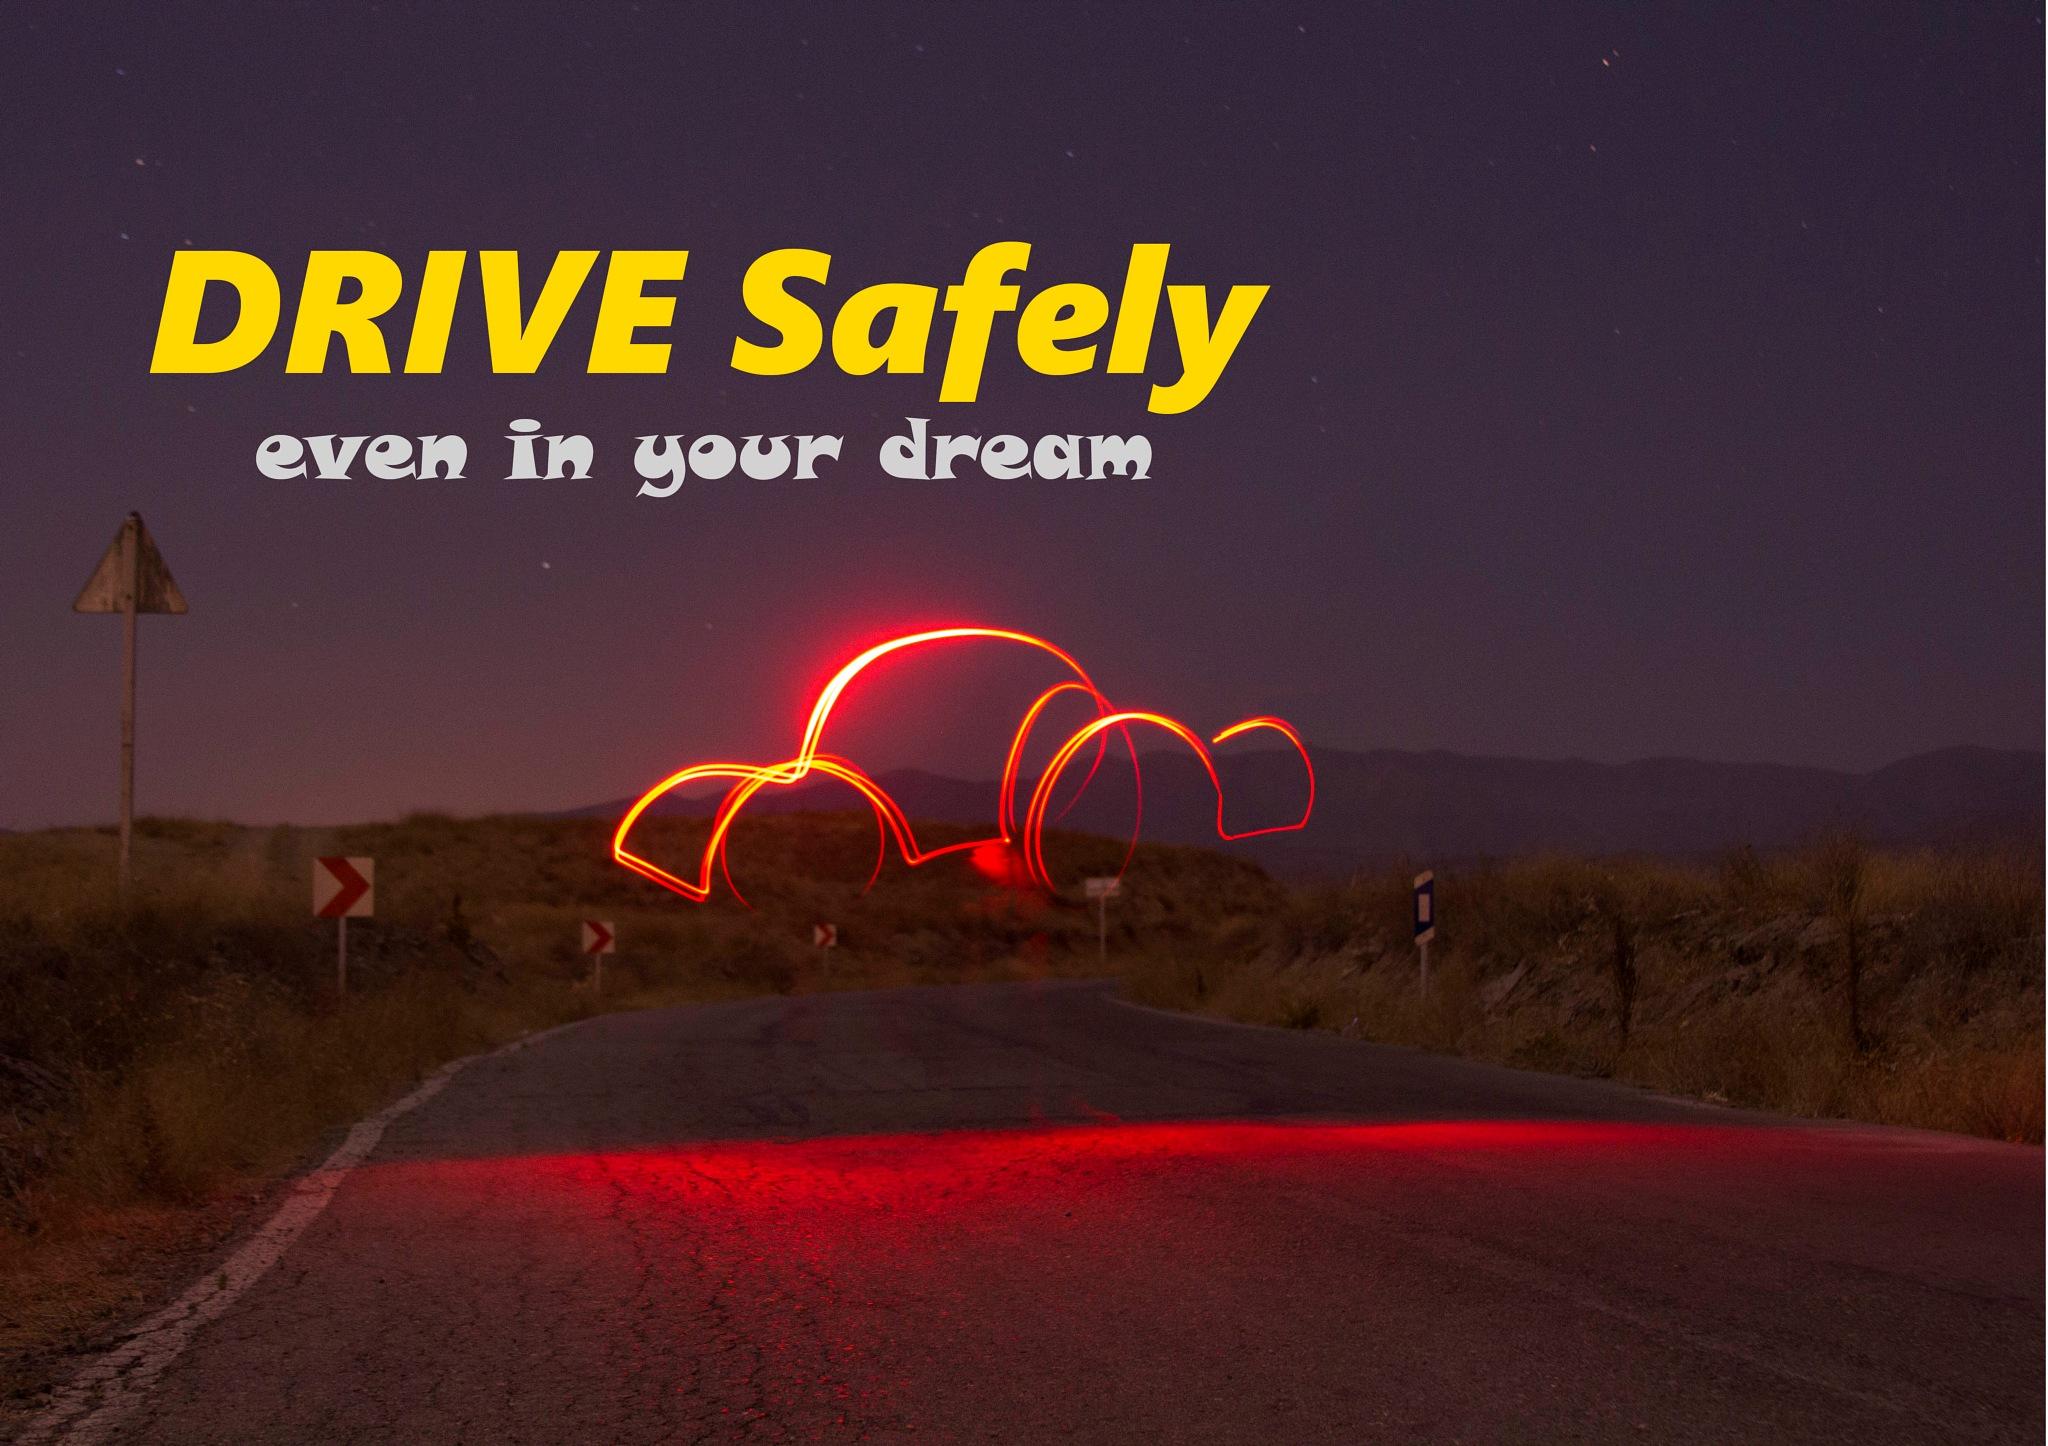 Drive Safely by Amir Seyedi